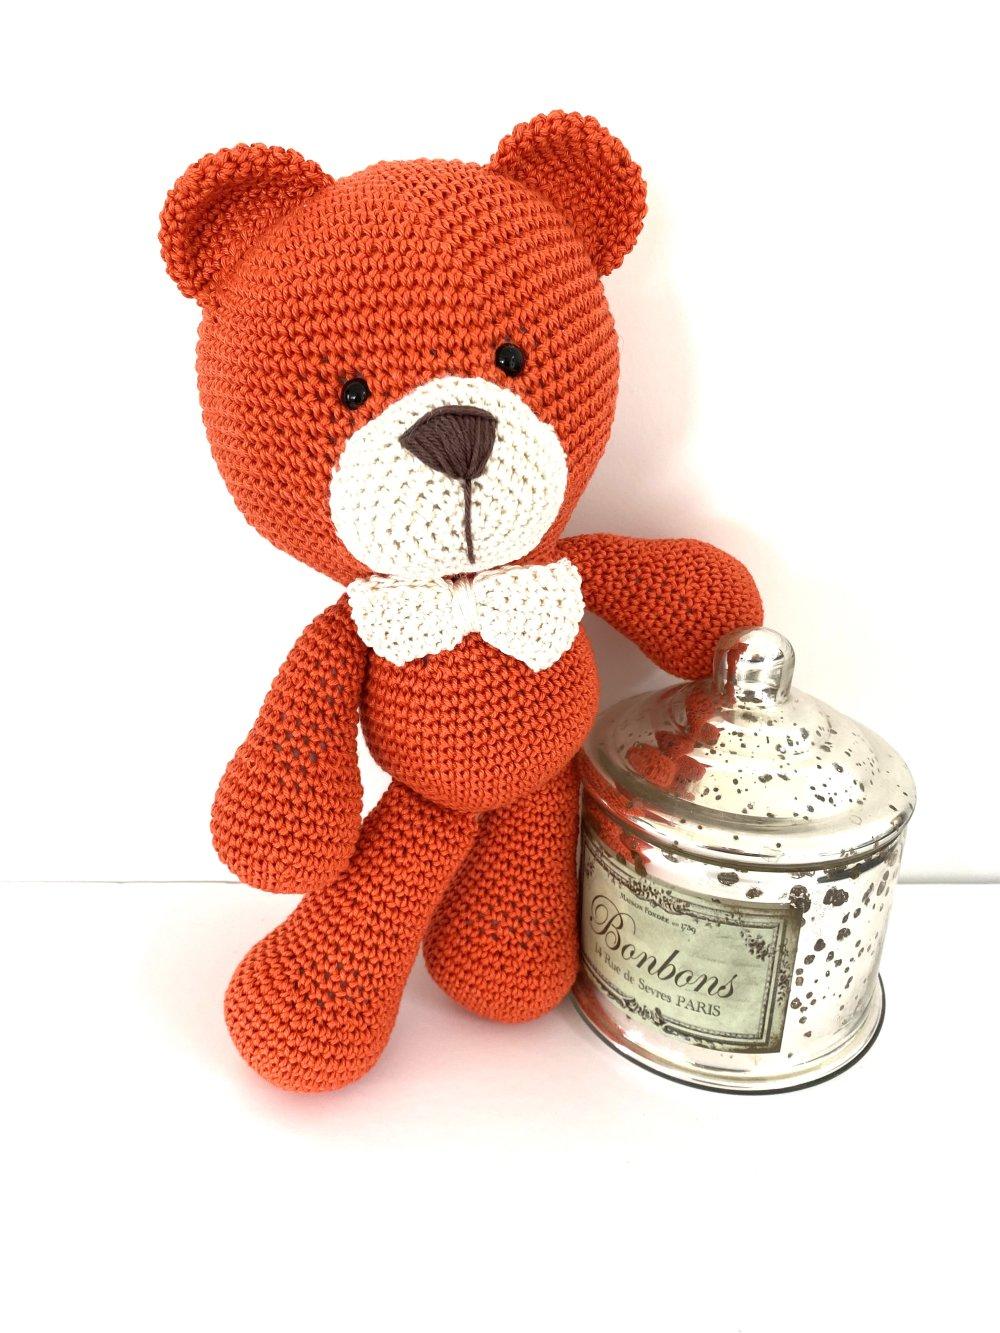 Amigurumi  l'ours Raphael et son noeud beige cadeau naissance